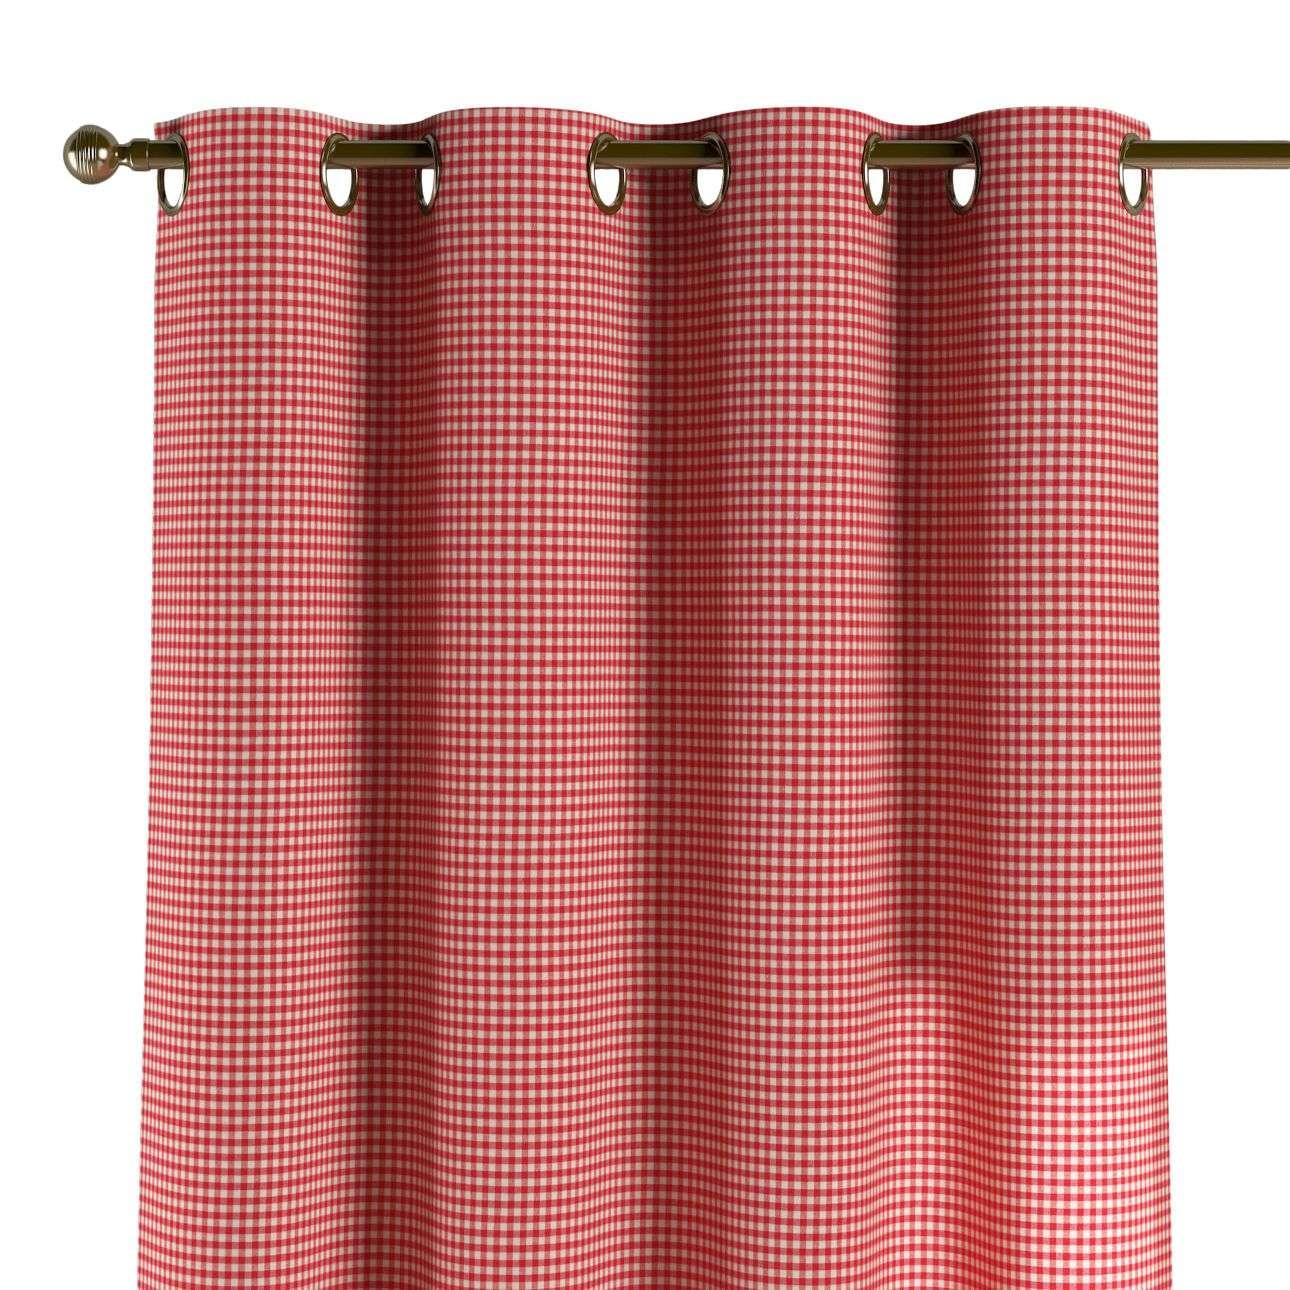 Žiedinio klostavimo užuolaidos 130 x 260 cm (plotis x ilgis) kolekcijoje Quadro, audinys: 136-15